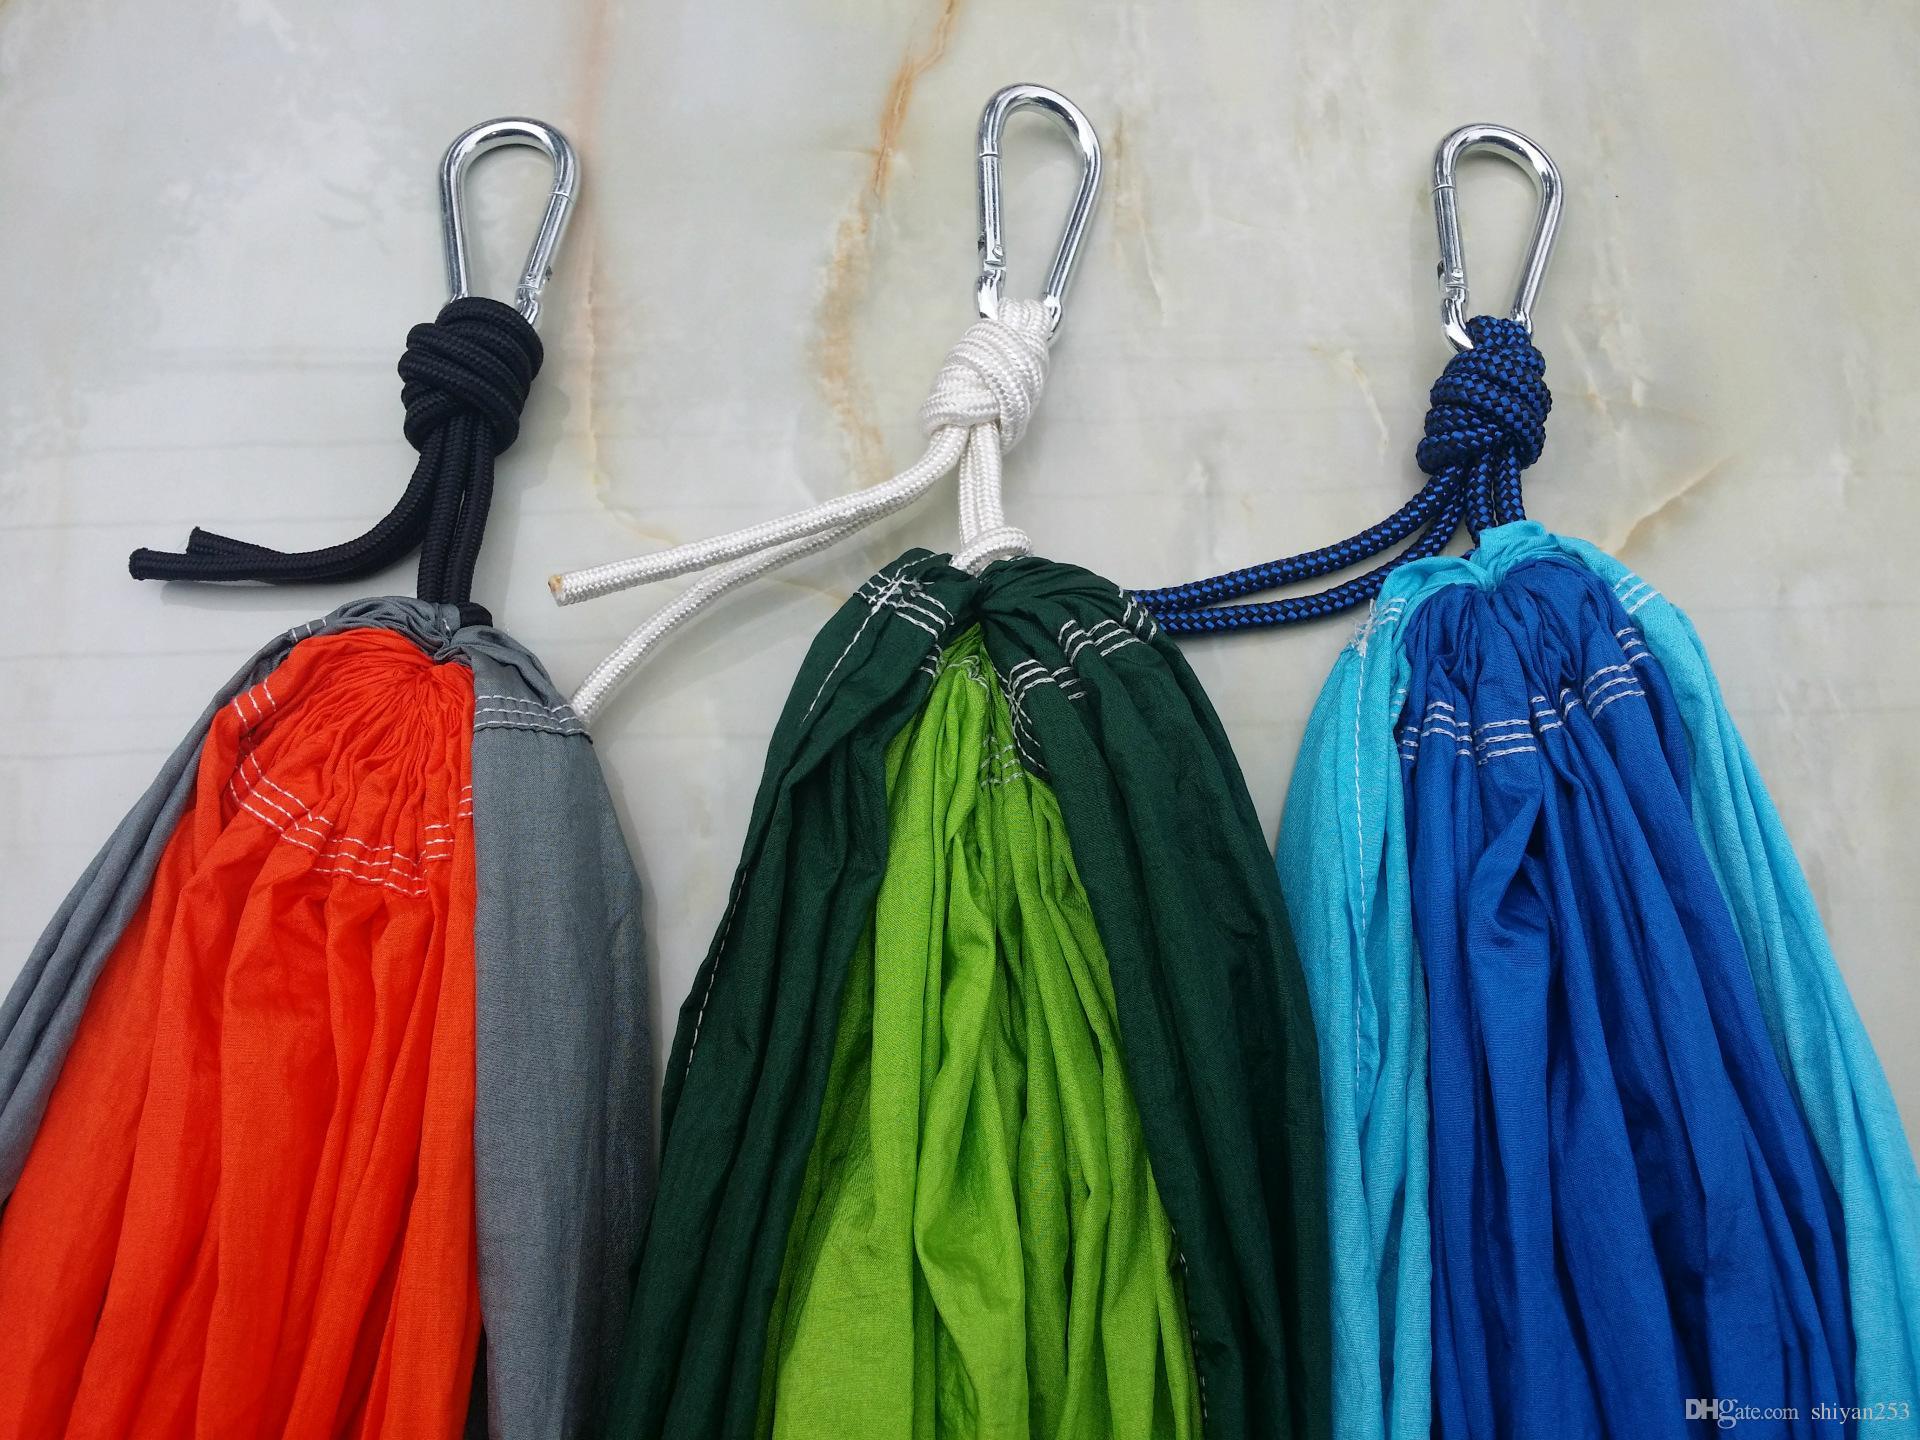 Бесплатная Доставка Новые Портативные Ткани Двойной Гамак Парашют Нейлон Прочный Двойной Лица Ассорти Цвет Для Внутреннего Наружного Использования многоцветный